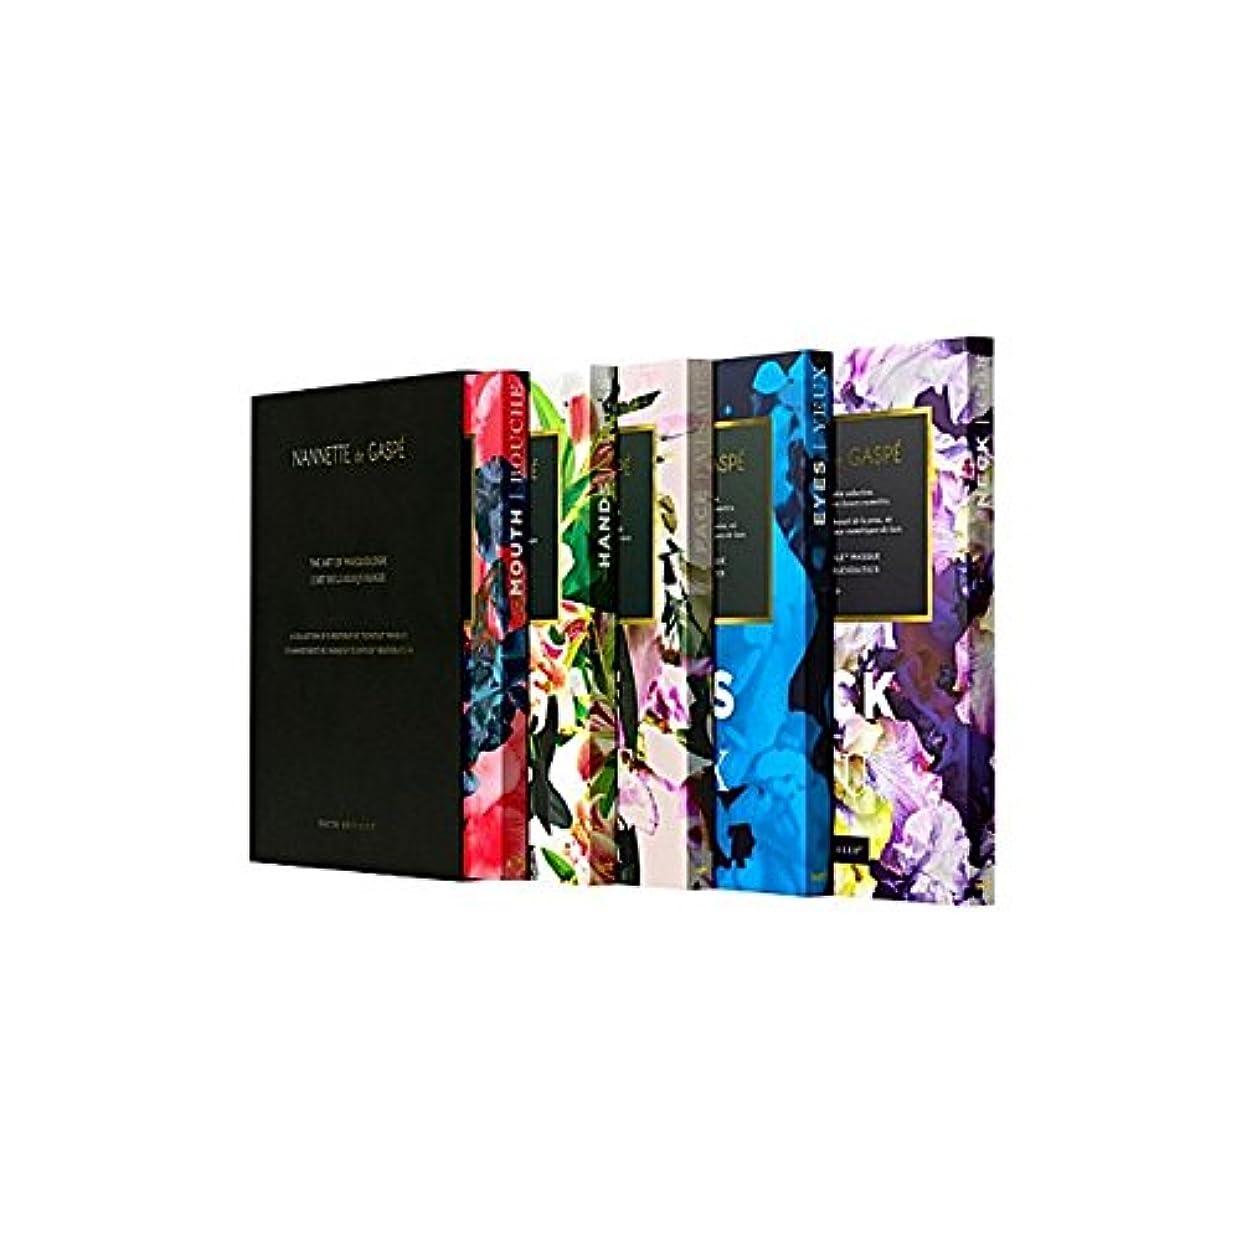 フラグラント屋内マティスデガスペ修復仮面劇コフレ x4 - Nannette De Gaspe Restorative Techstile Masque Coffret (Pack of 4) [並行輸入品]